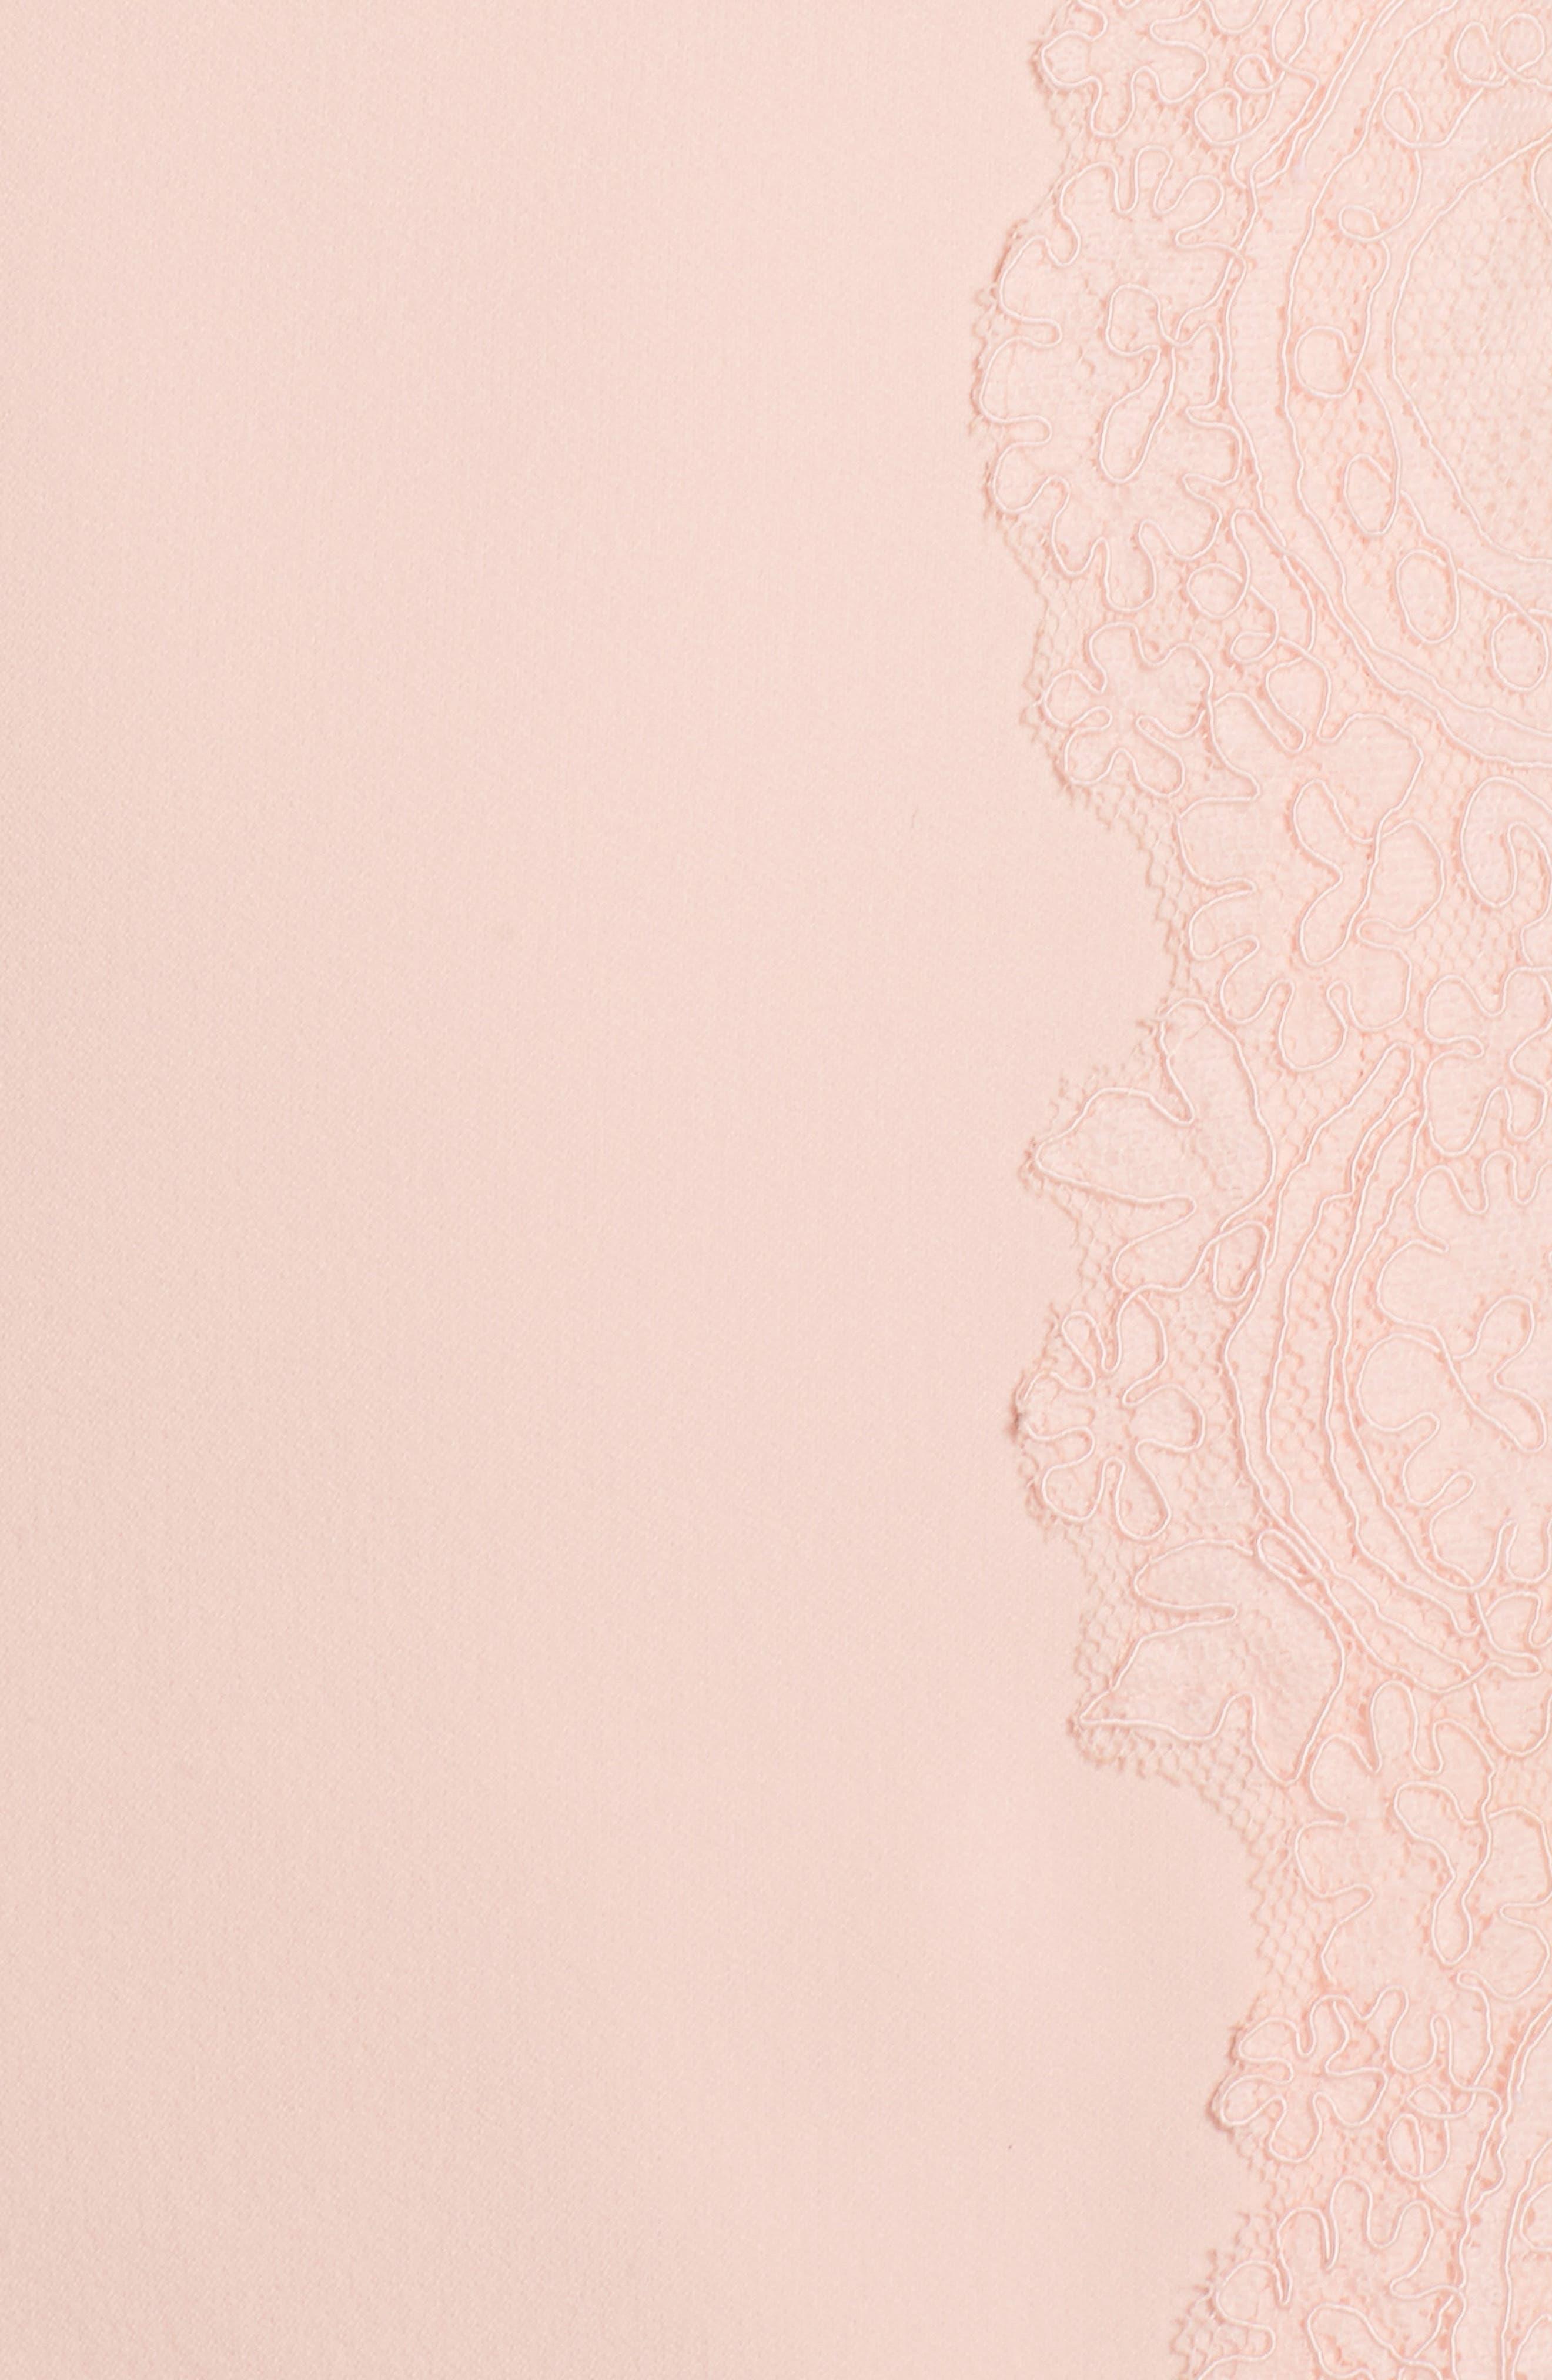 Lace Detail Crepe Sheath Dress,                             Alternate thumbnail 5, color,                             Blush